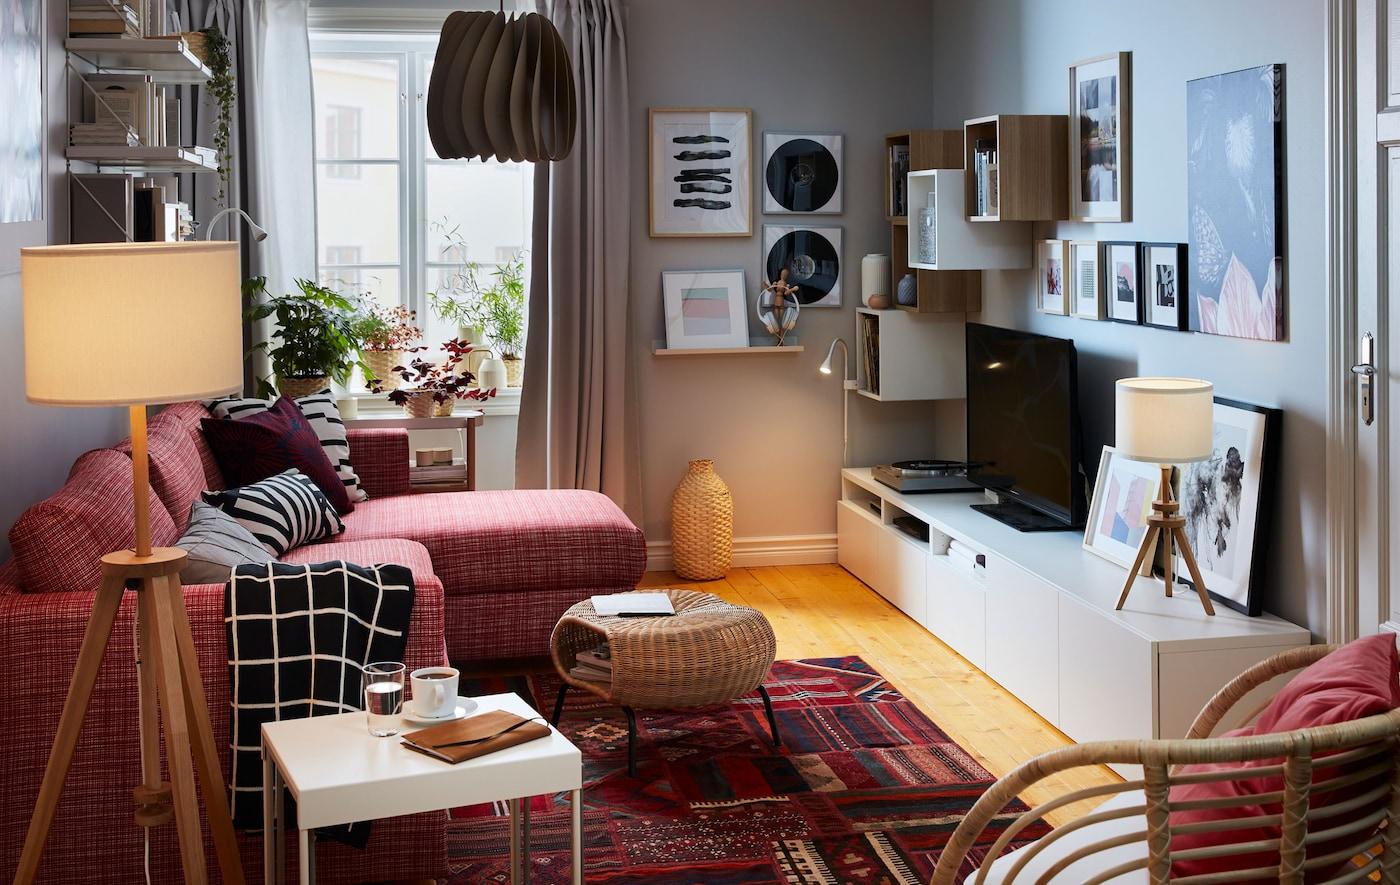 Salon avec d'un côté un canapé convertible avec méridienne; buffet, rangements, TV, stéréo et tableaux sur le mur d'en face.